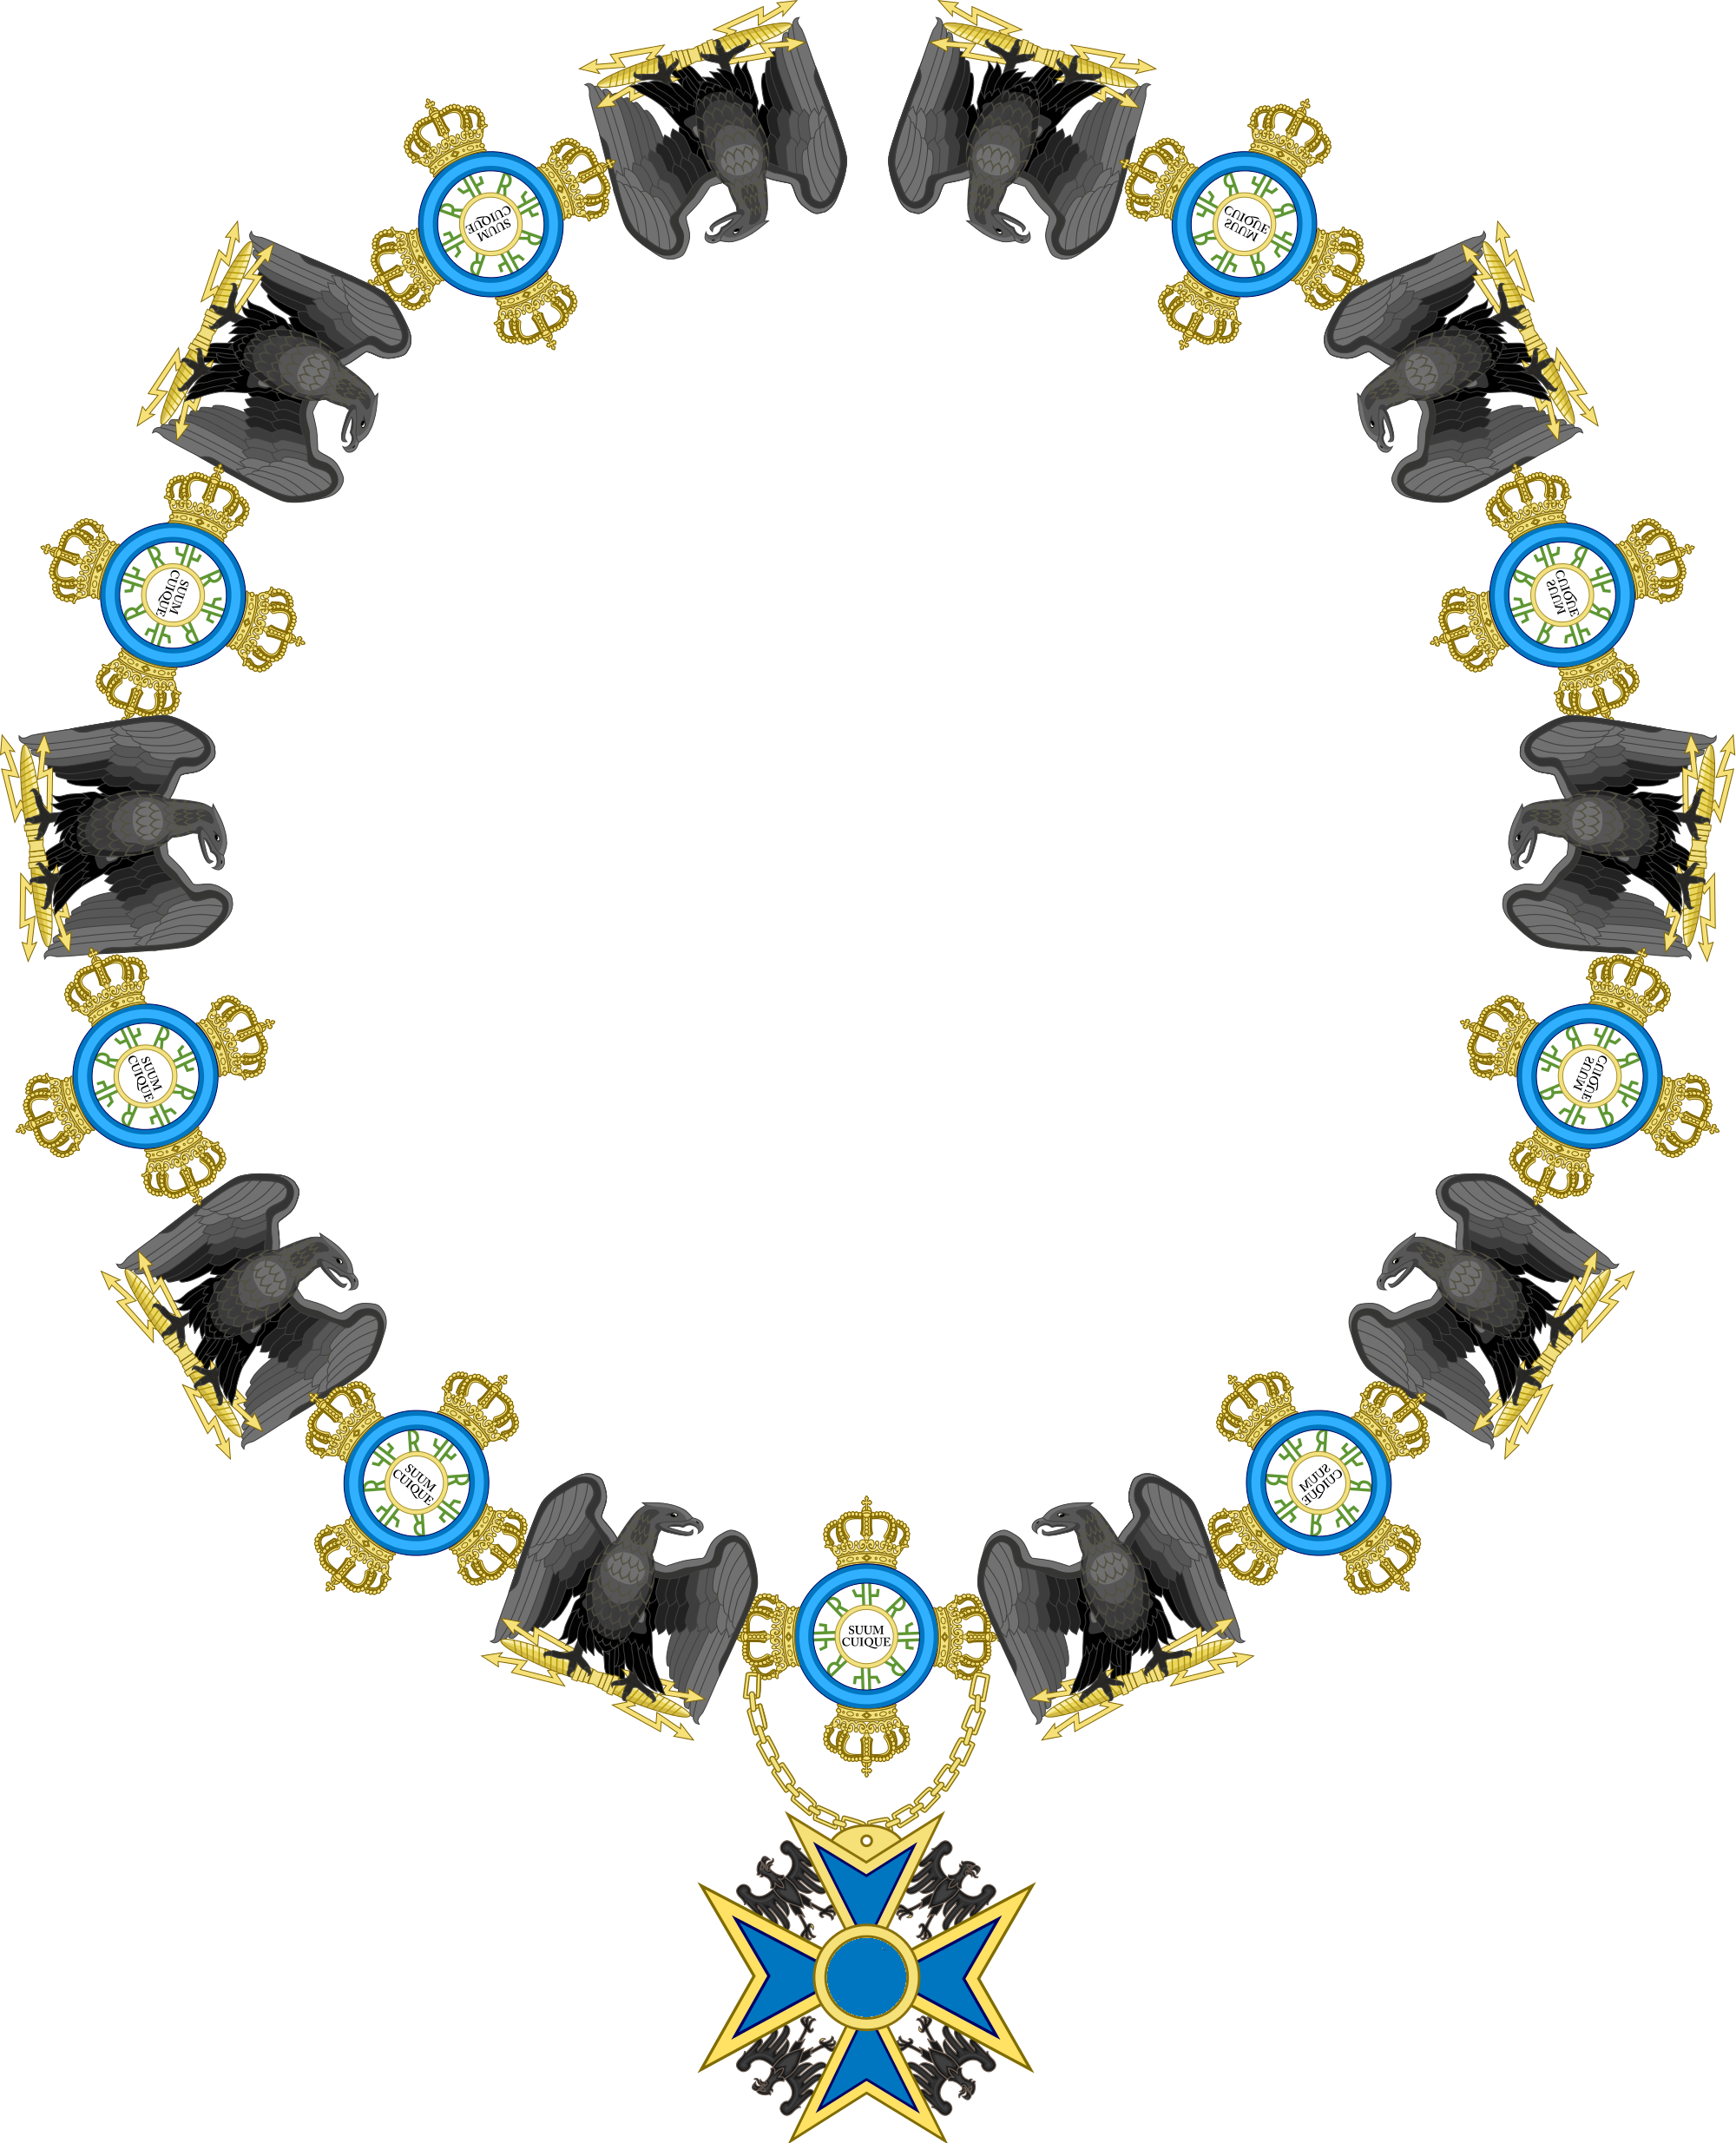 Ficha de condecoración